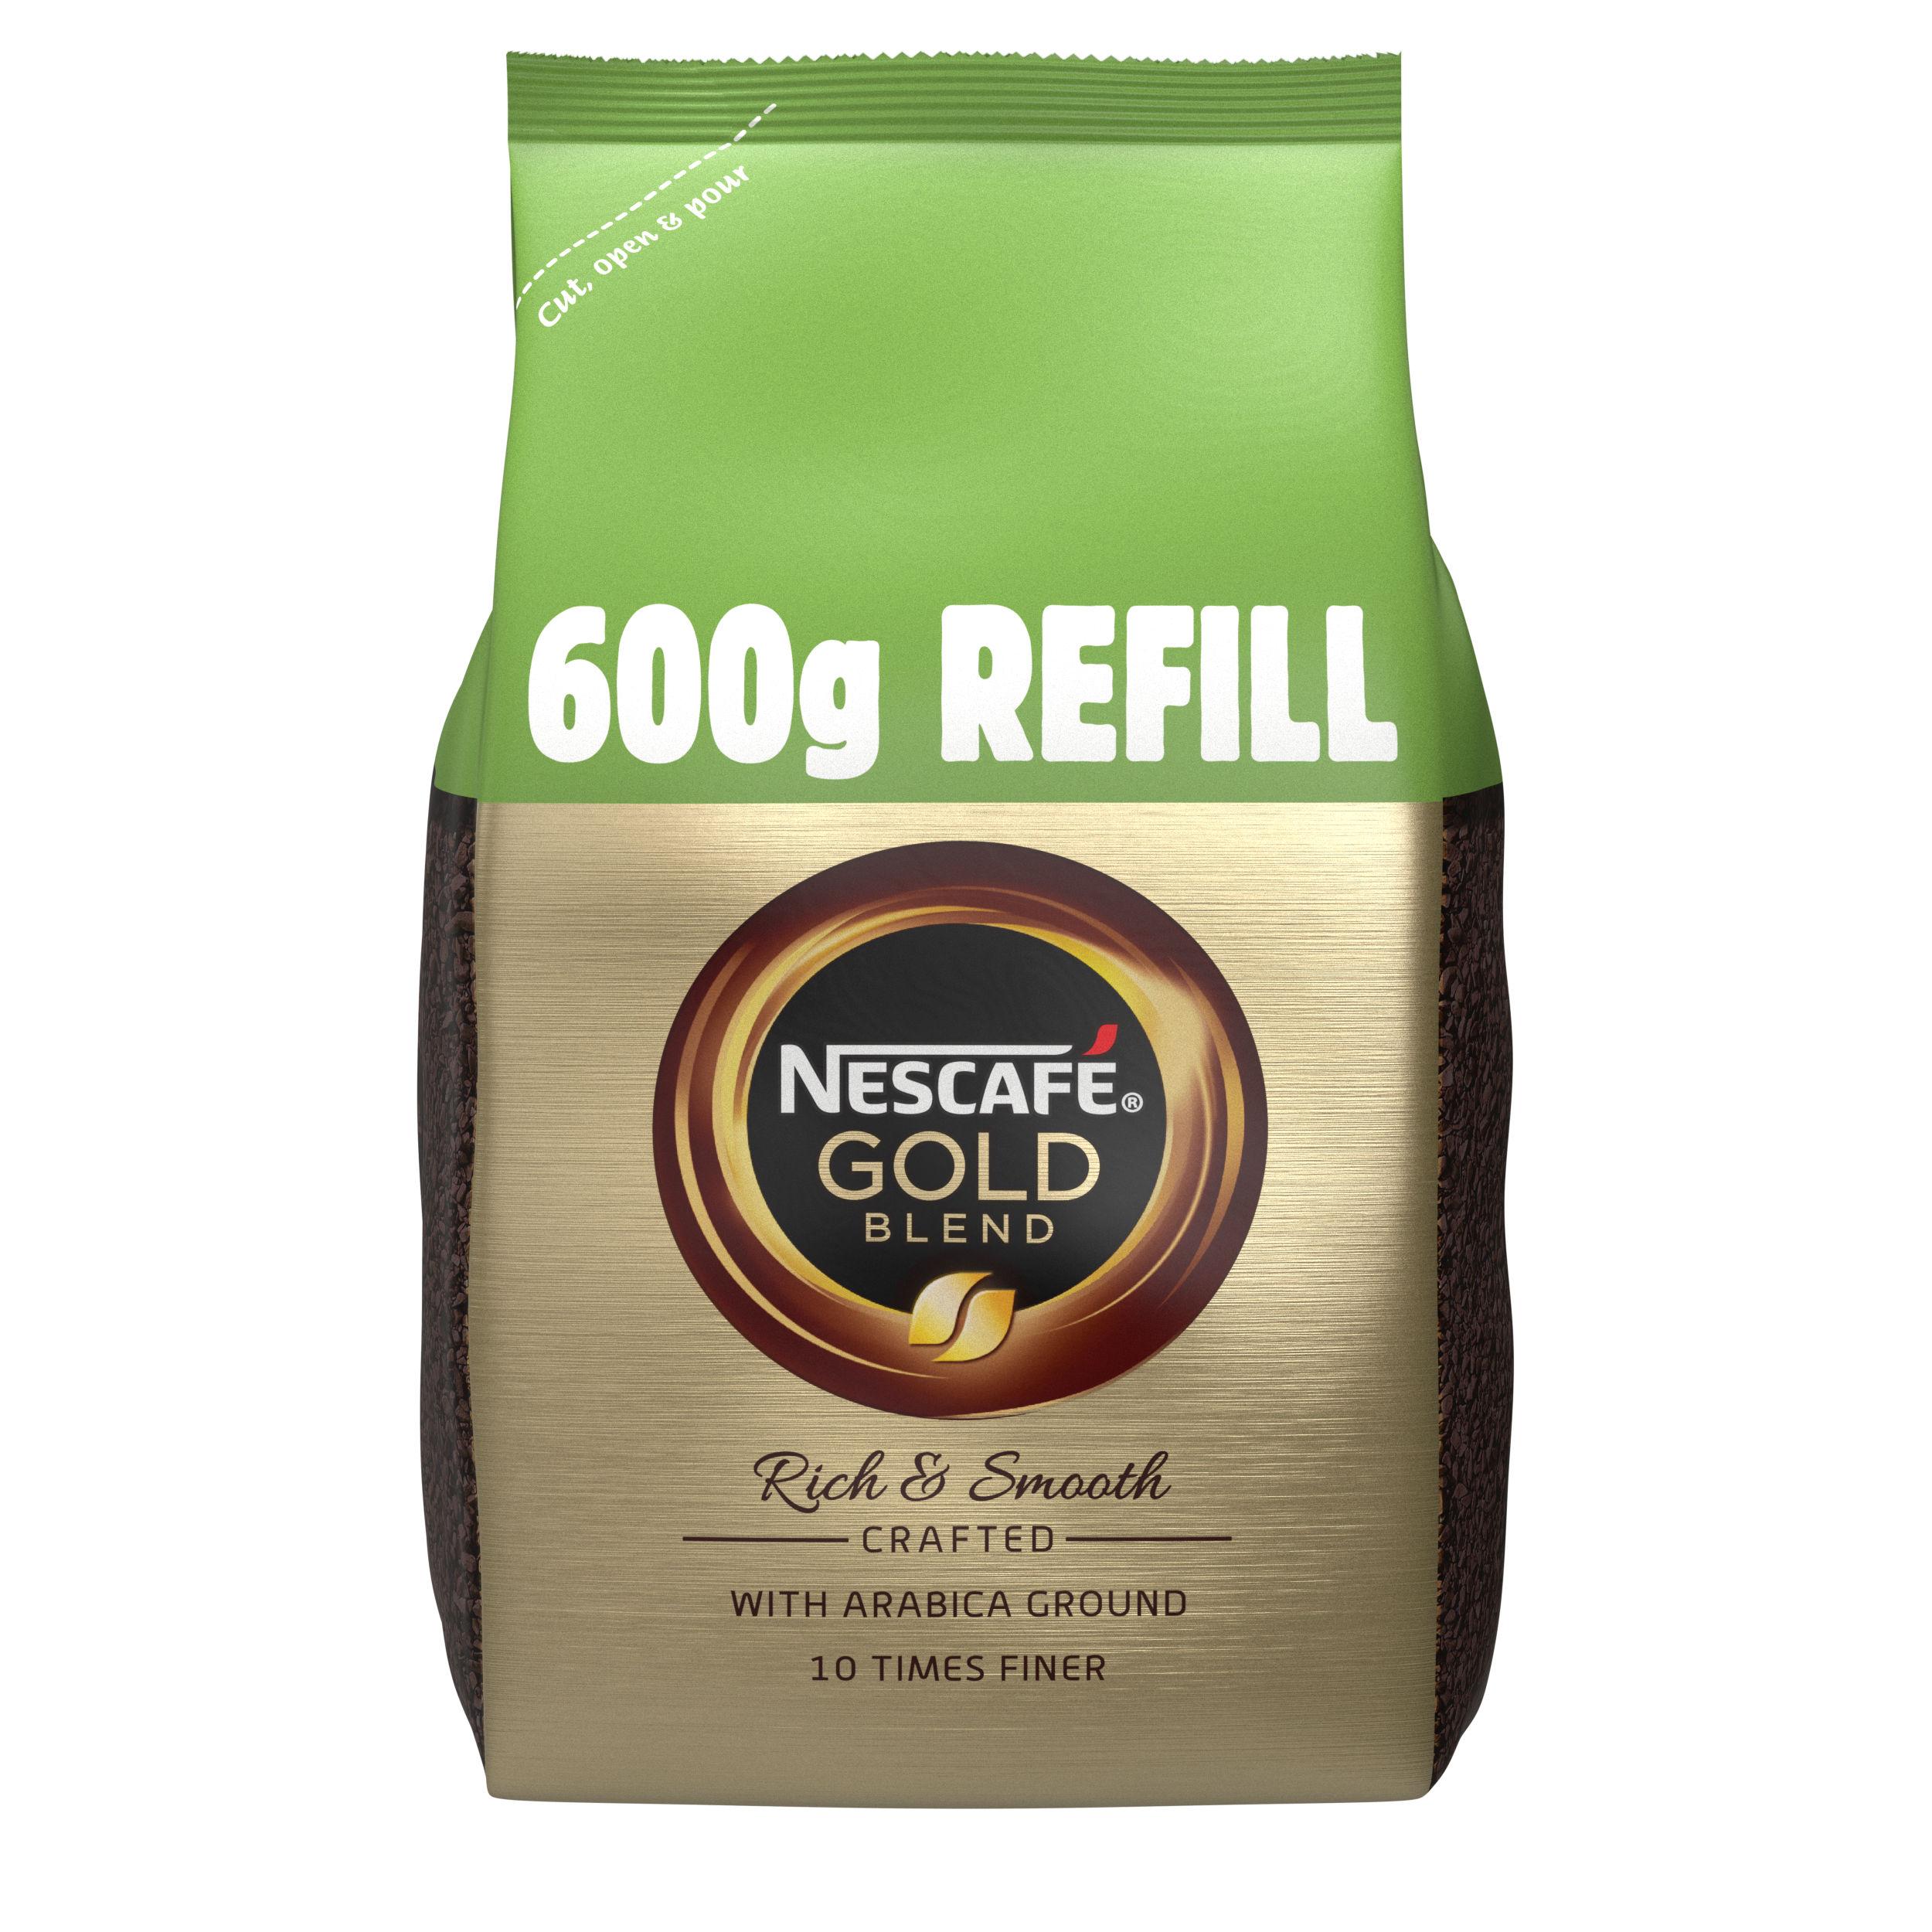 Nescafe Gold Blend Refill Pack 600g Ref 12339283